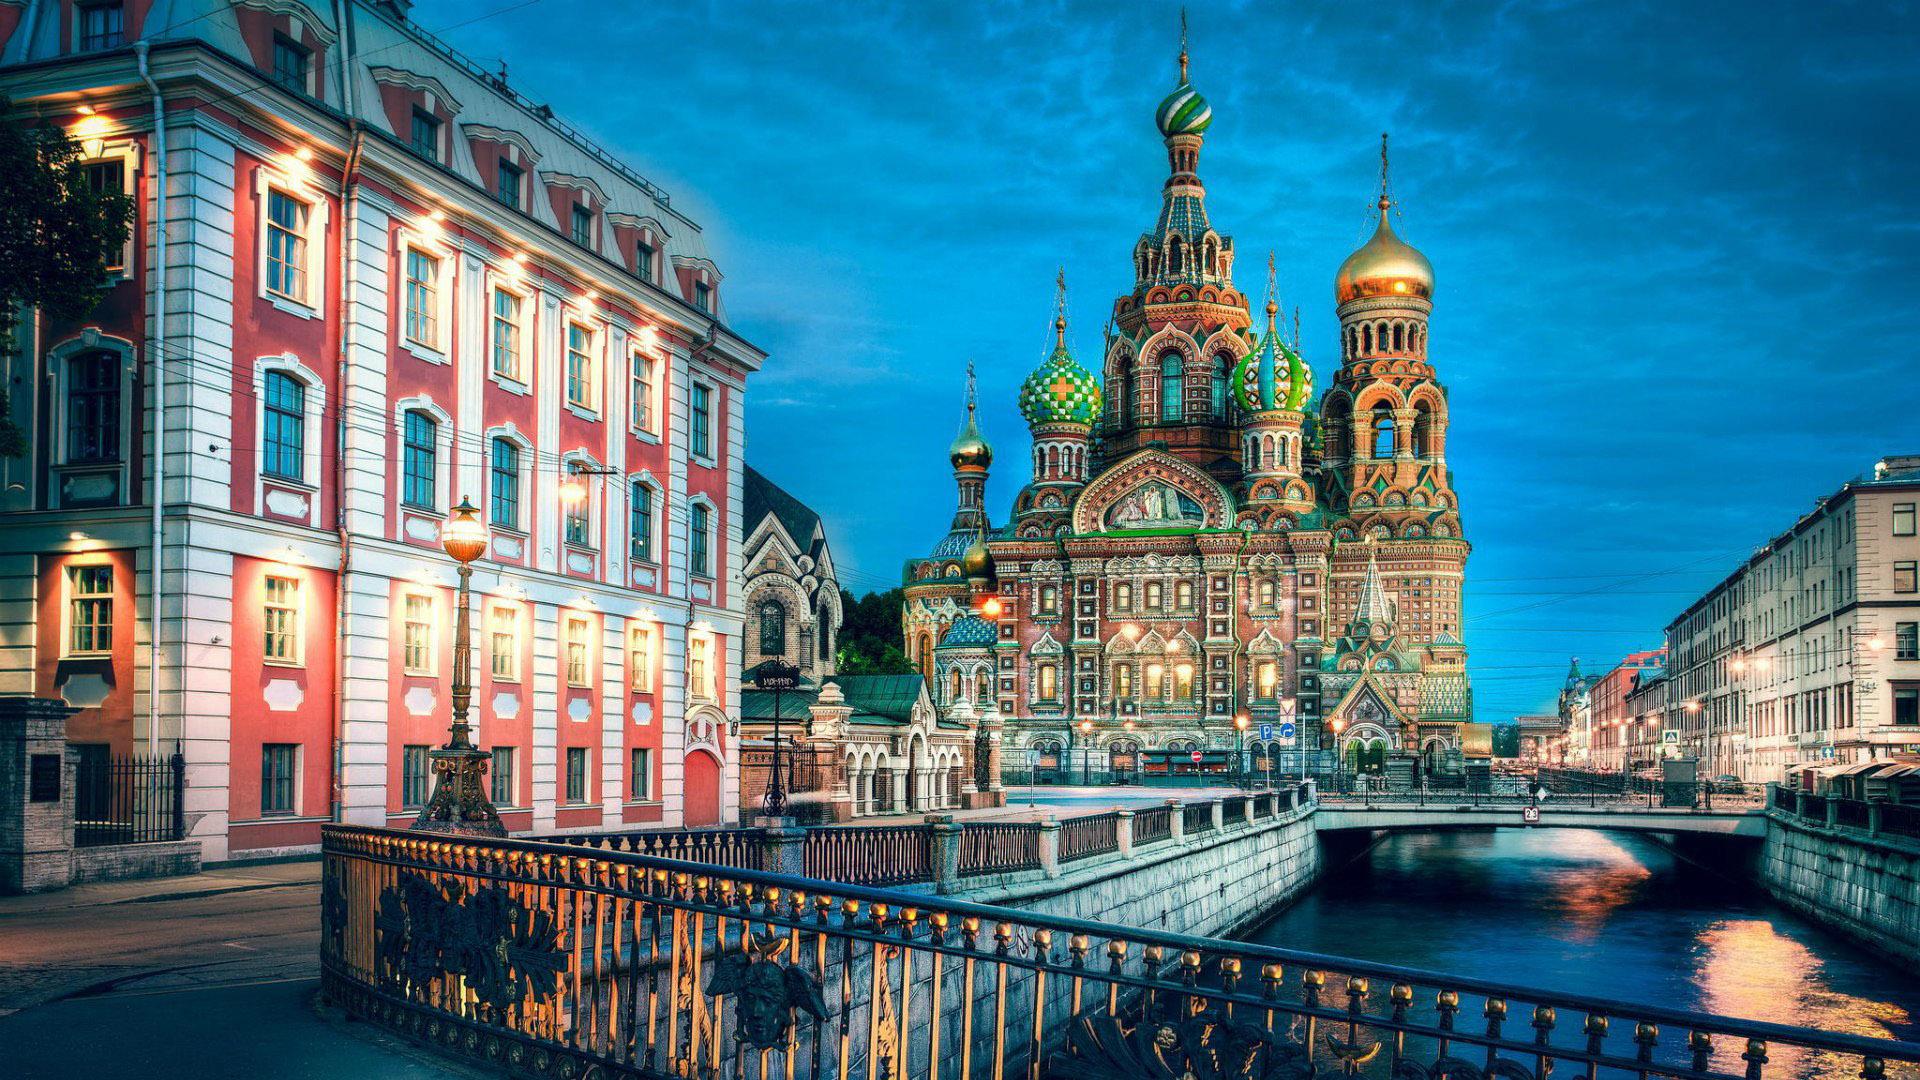 Απόκριες / 25η Μαρτίου / Πάσχα - Αγία Πετρούπολη - Μόσχα (Προσφορά early booking)